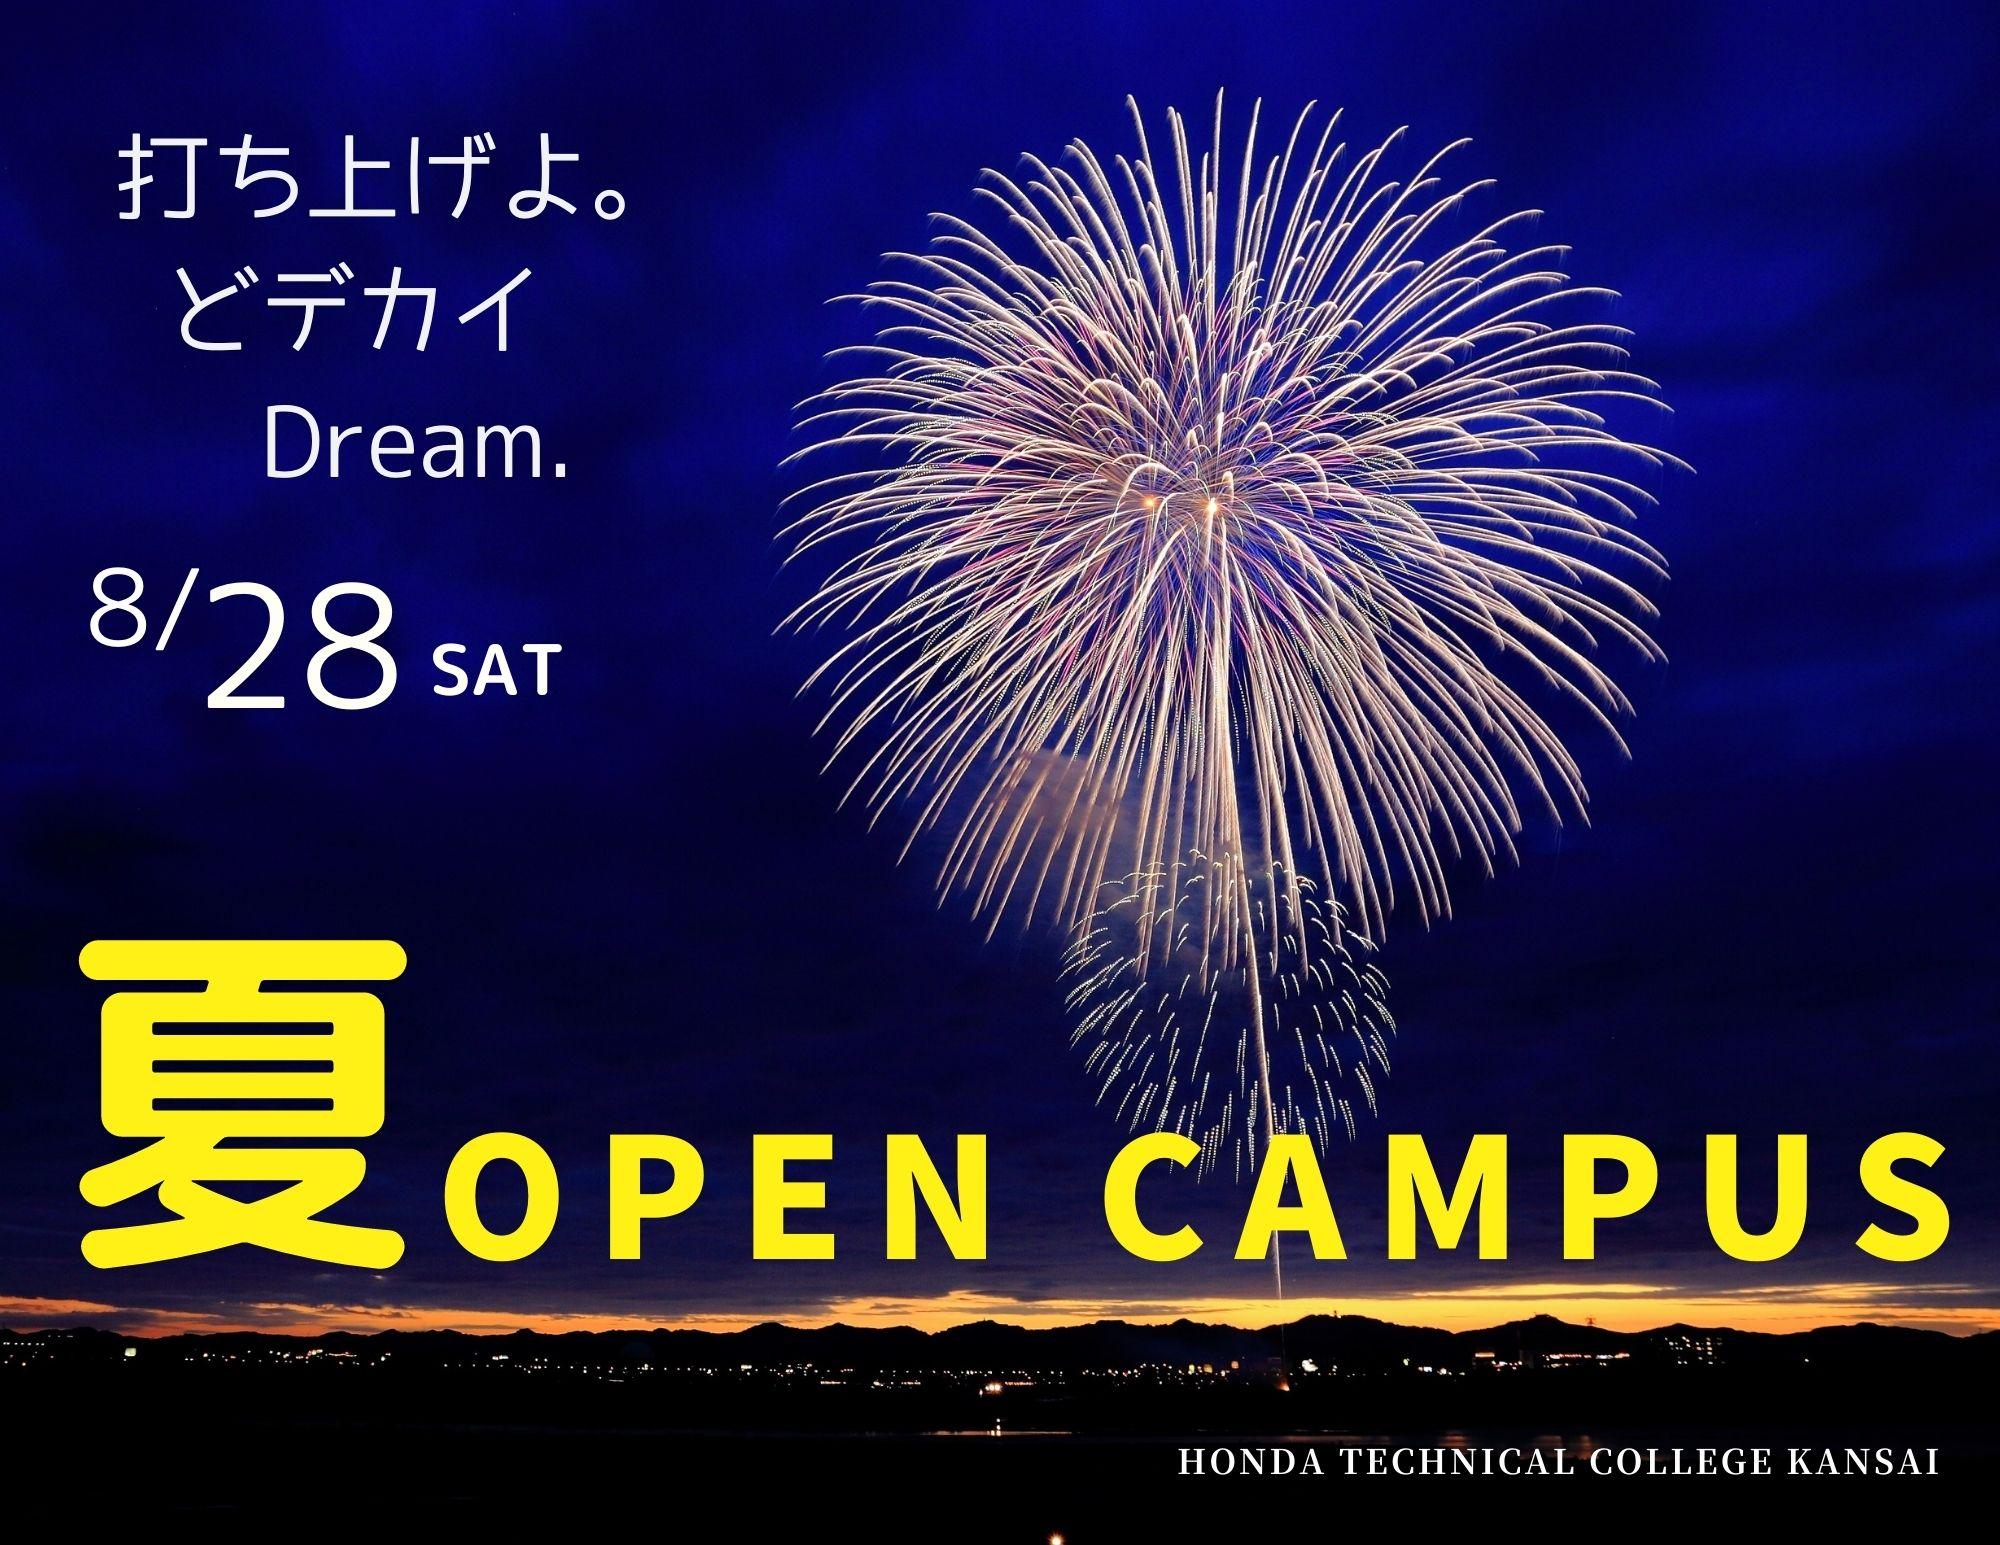 【夏休み最後】オープンキャンパス開催中!8月28日(土)